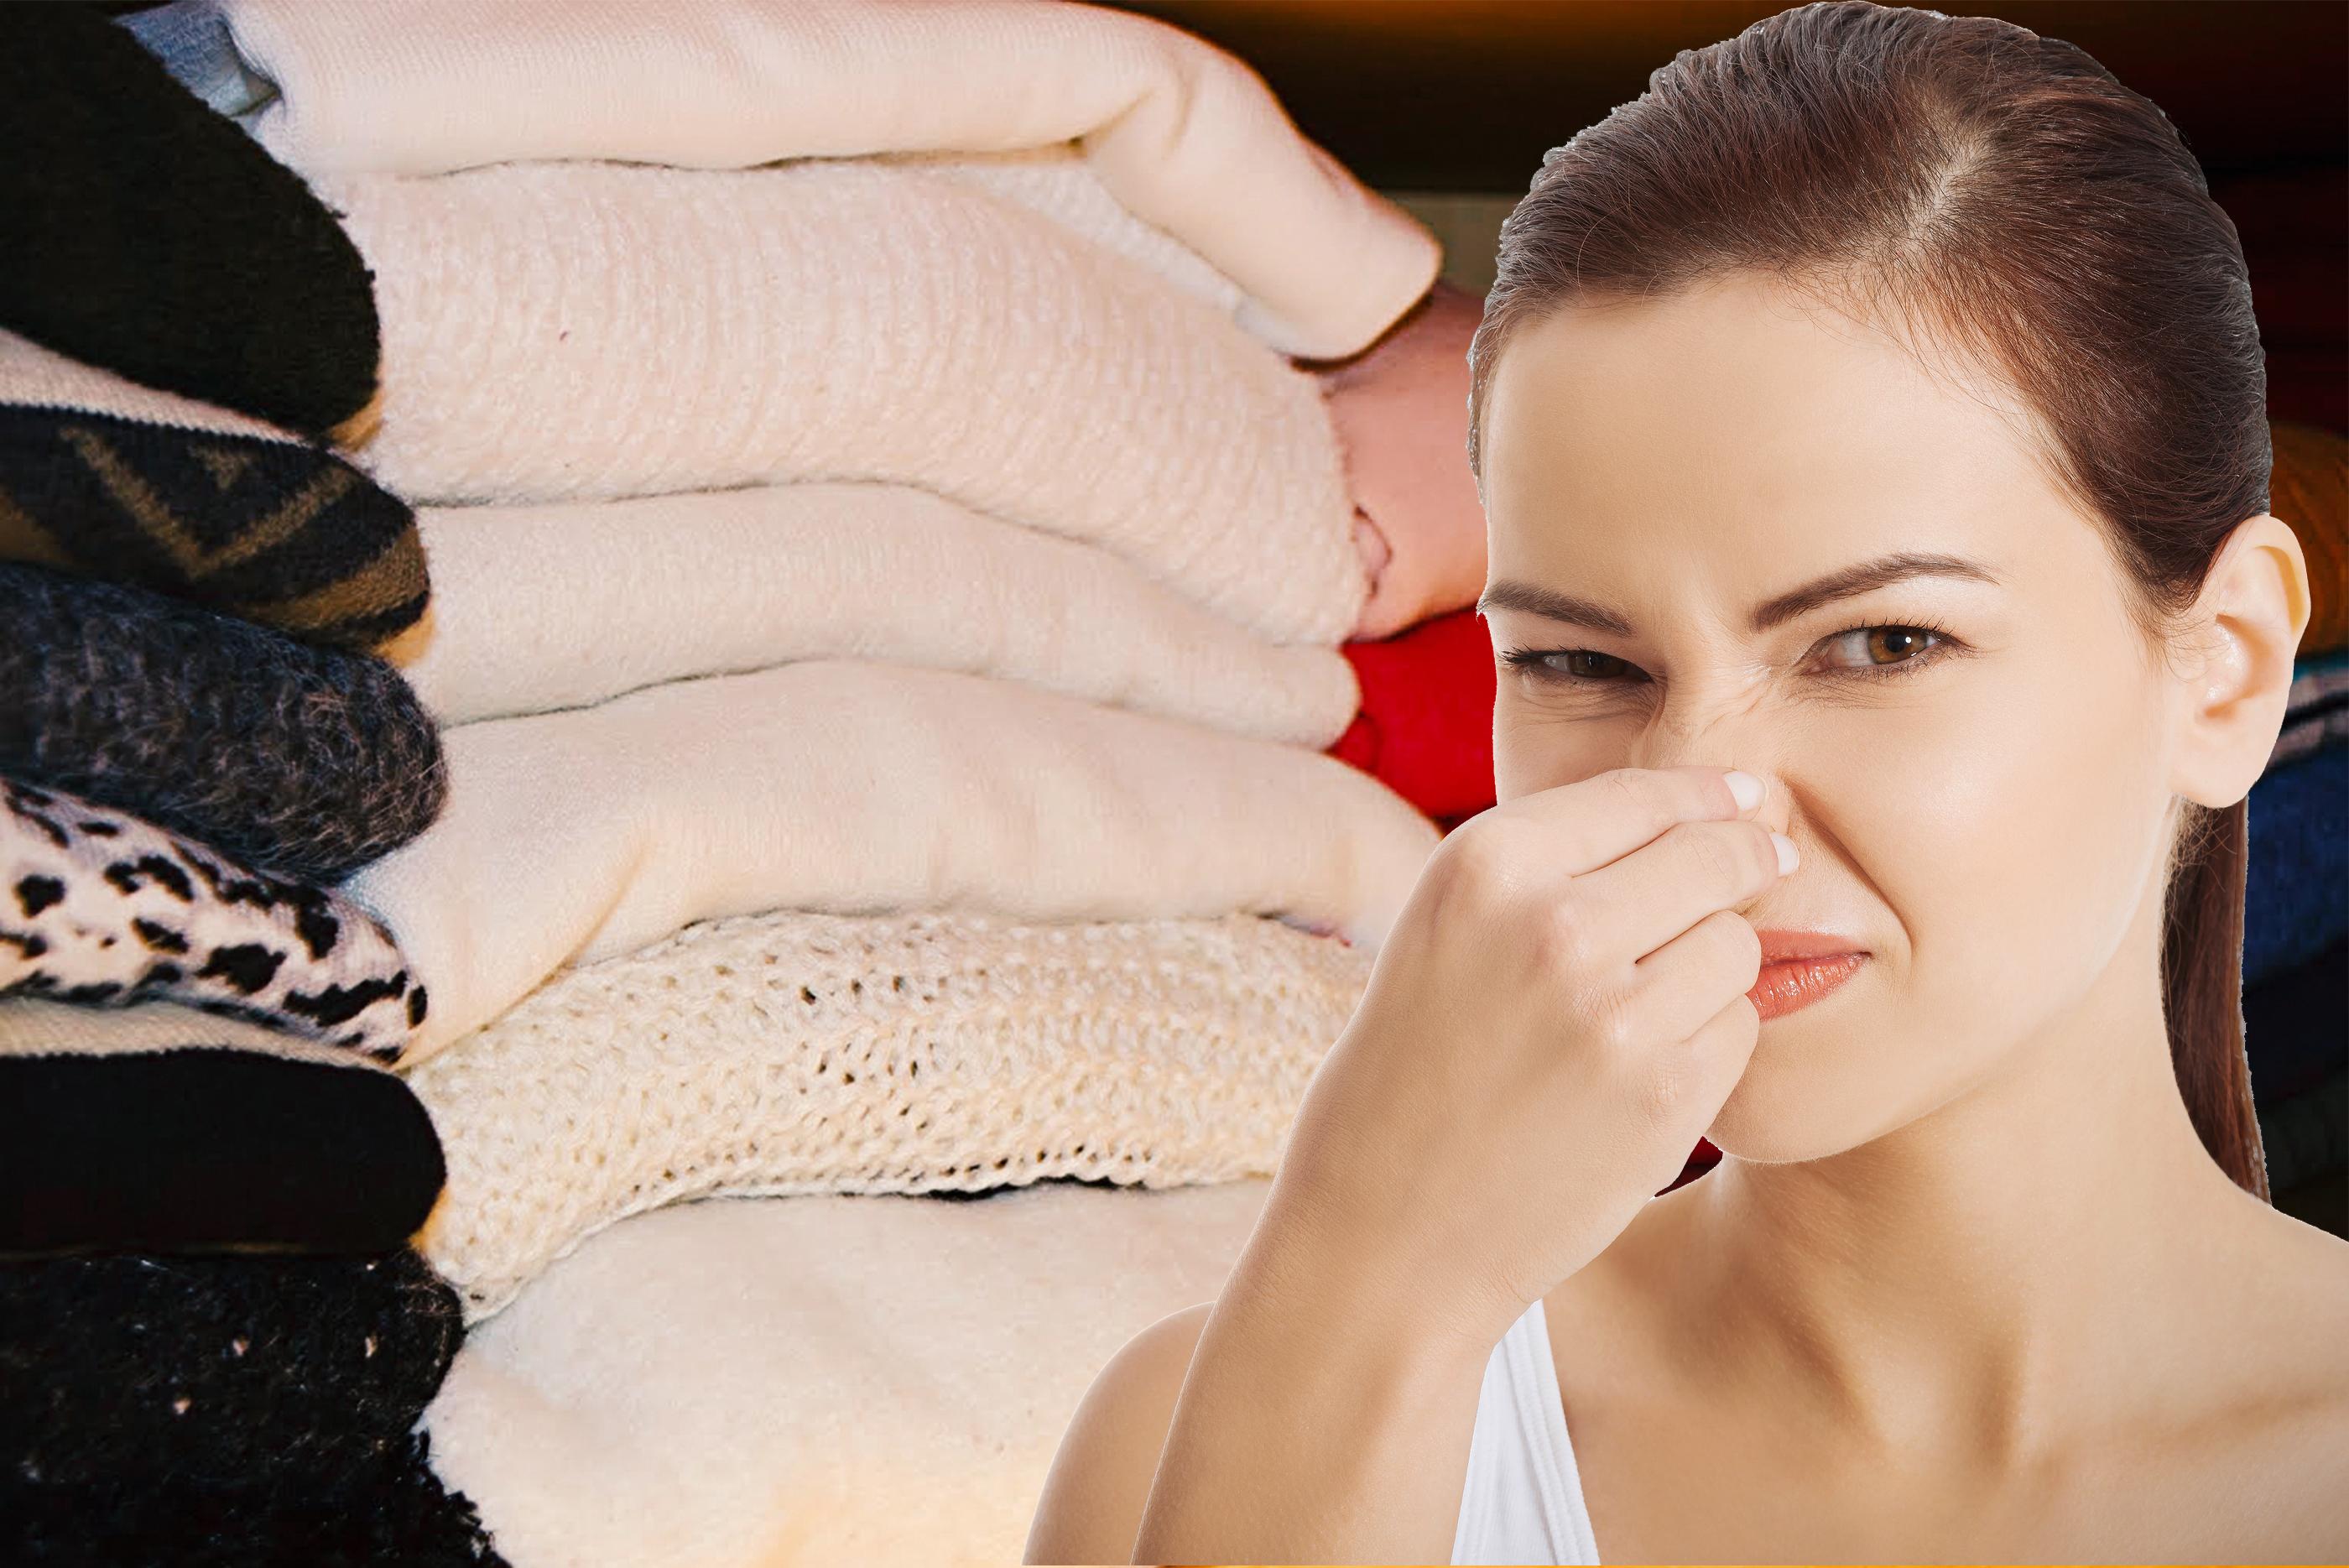 cheiro de mofo nas roupas